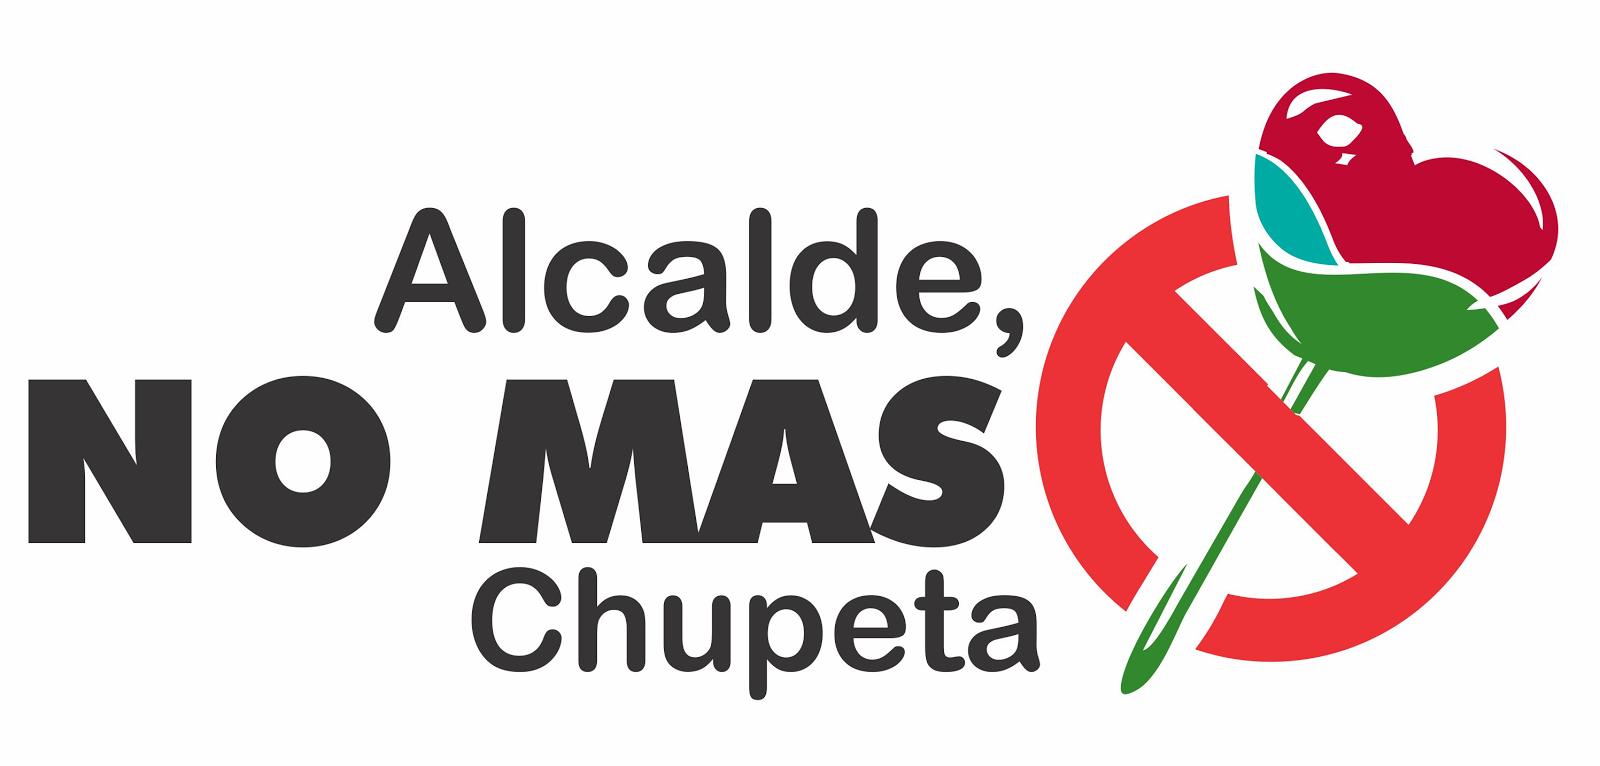 Alcalde, No mas chupeta